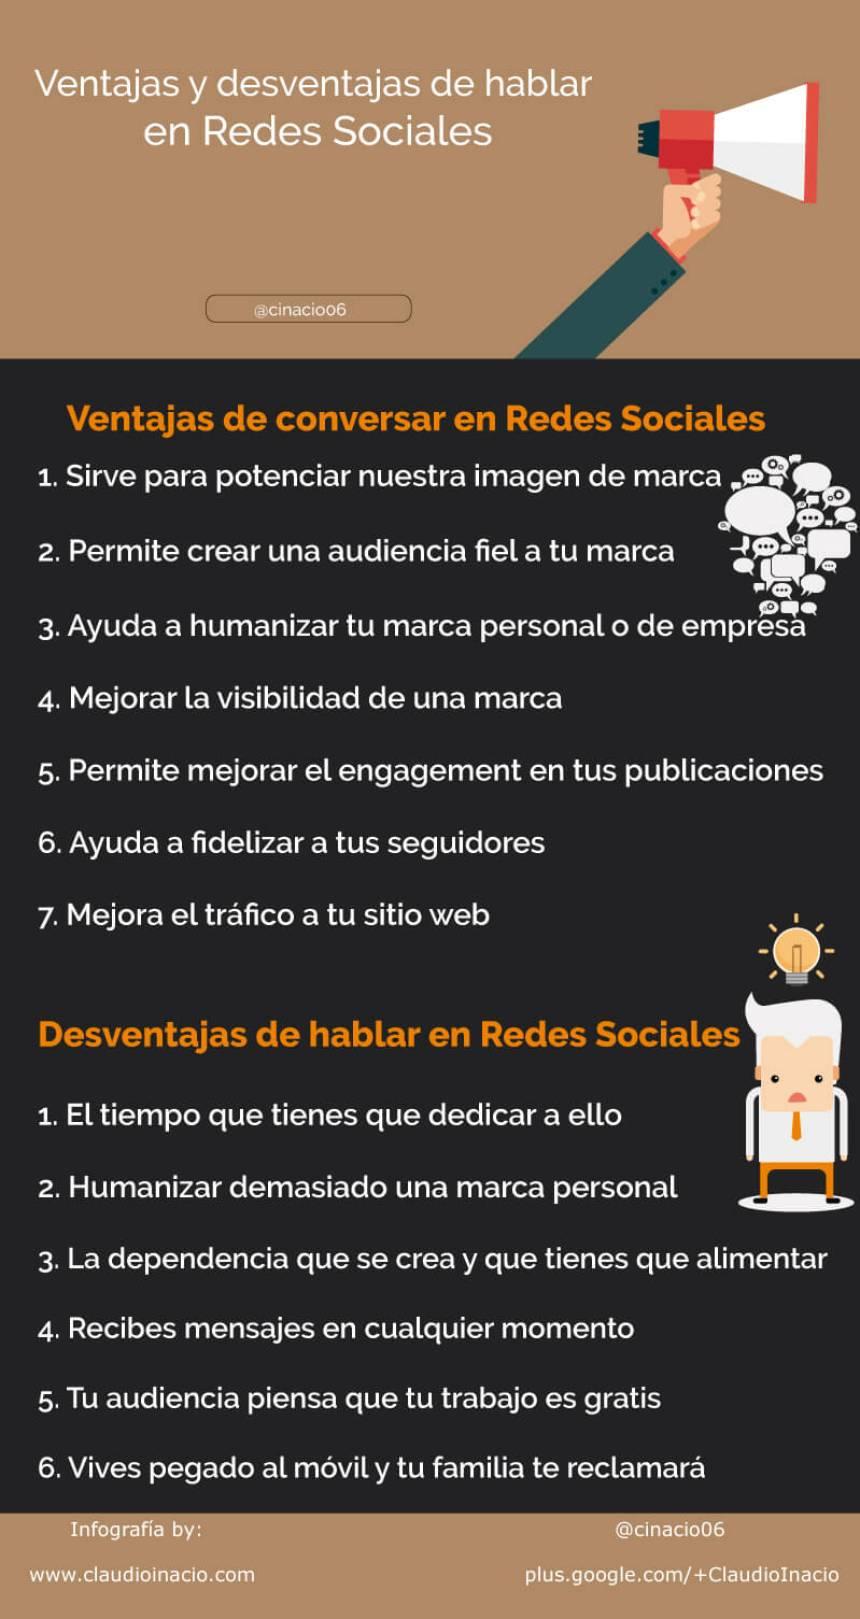 Ventajas y desventajas de hablar en Redes Sociales